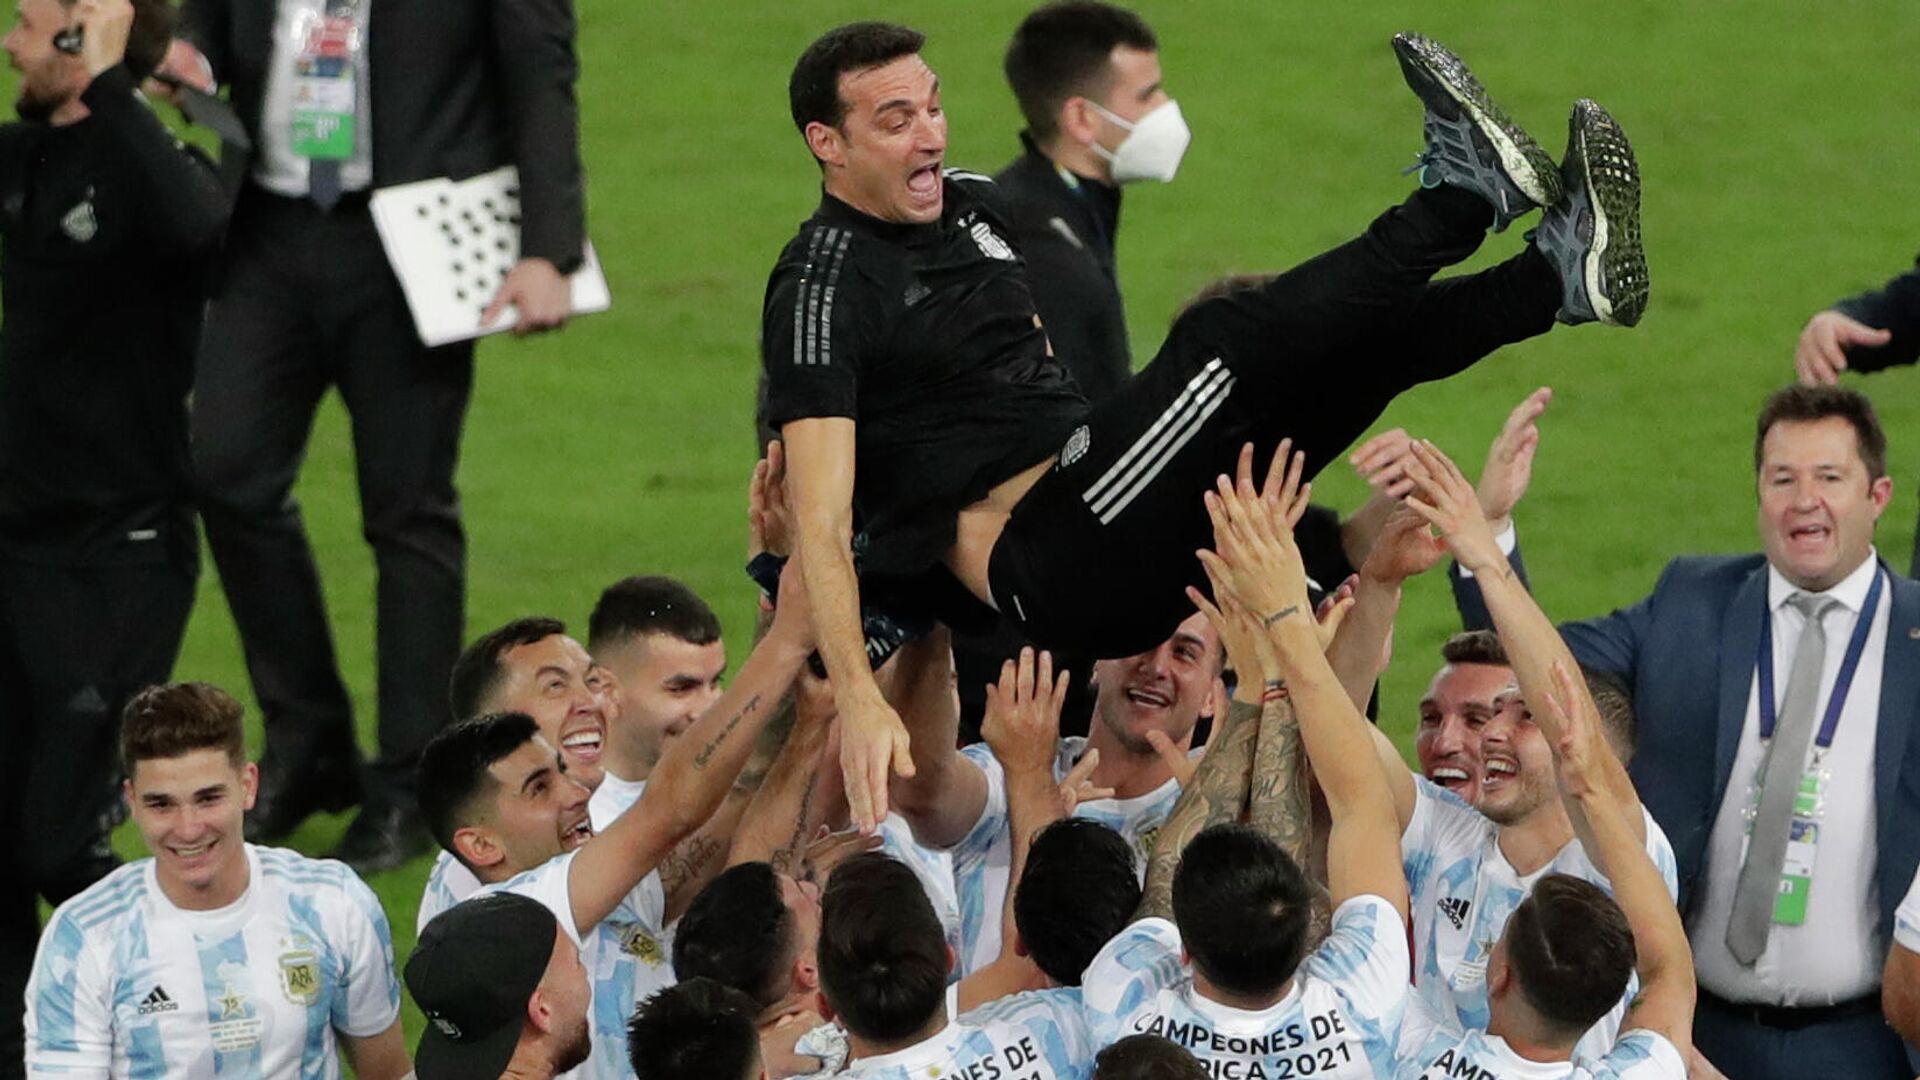 El entrenador argentino Lionel Scaloni es lanzado al aire por sus futbolistas luego de ganar la Copa América 2021 - Sputnik Mundo, 1920, 12.10.2021